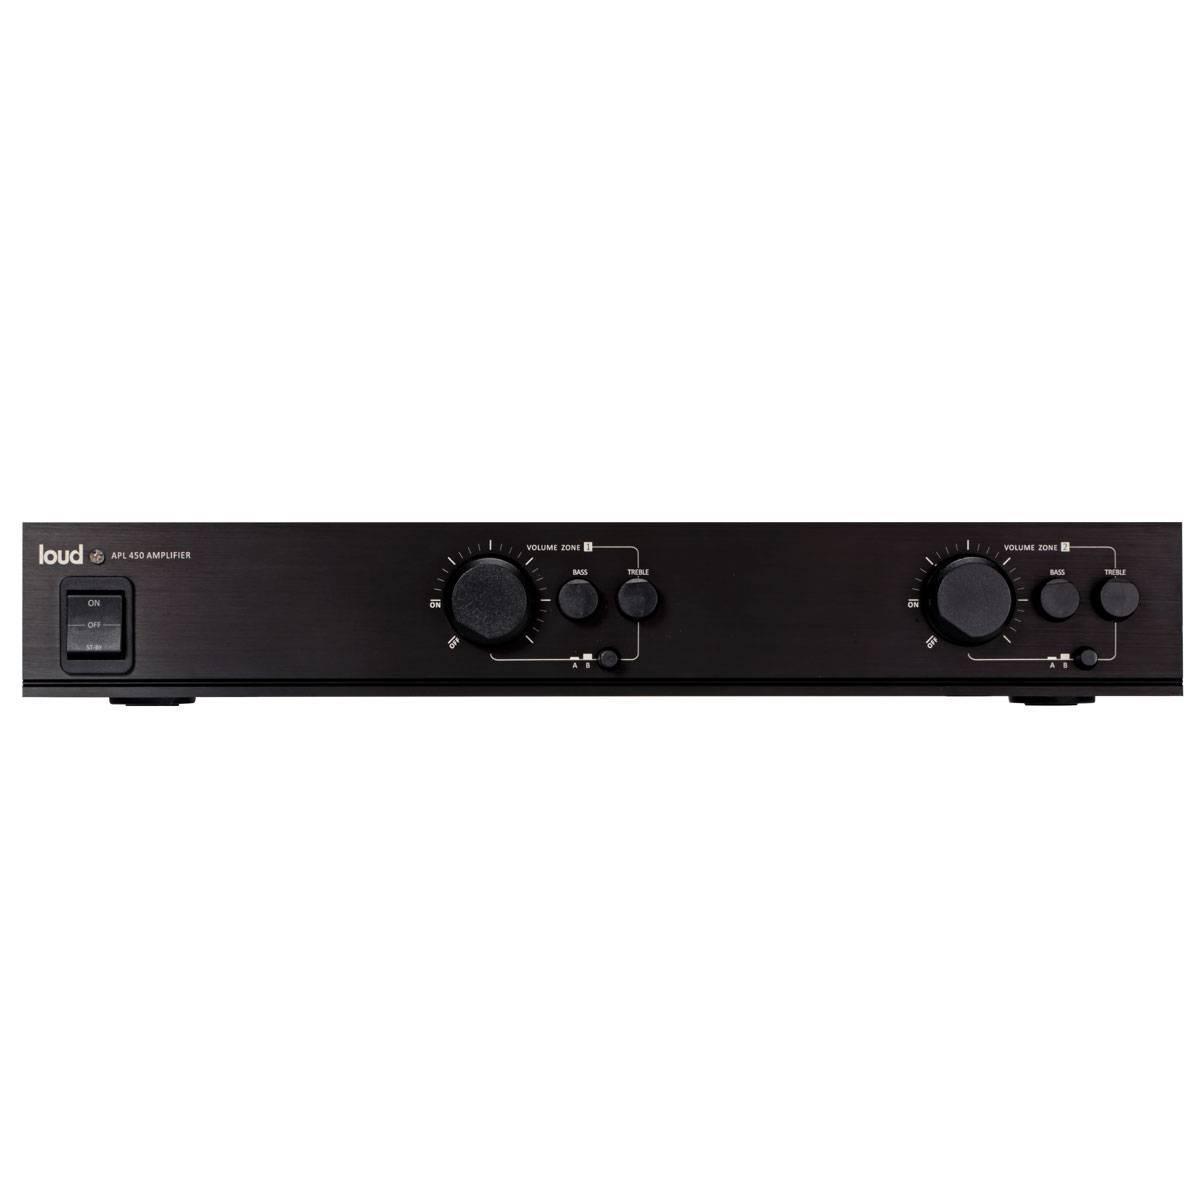 Amplificador Multi-room c/ controle de volume APL-450  LOUD